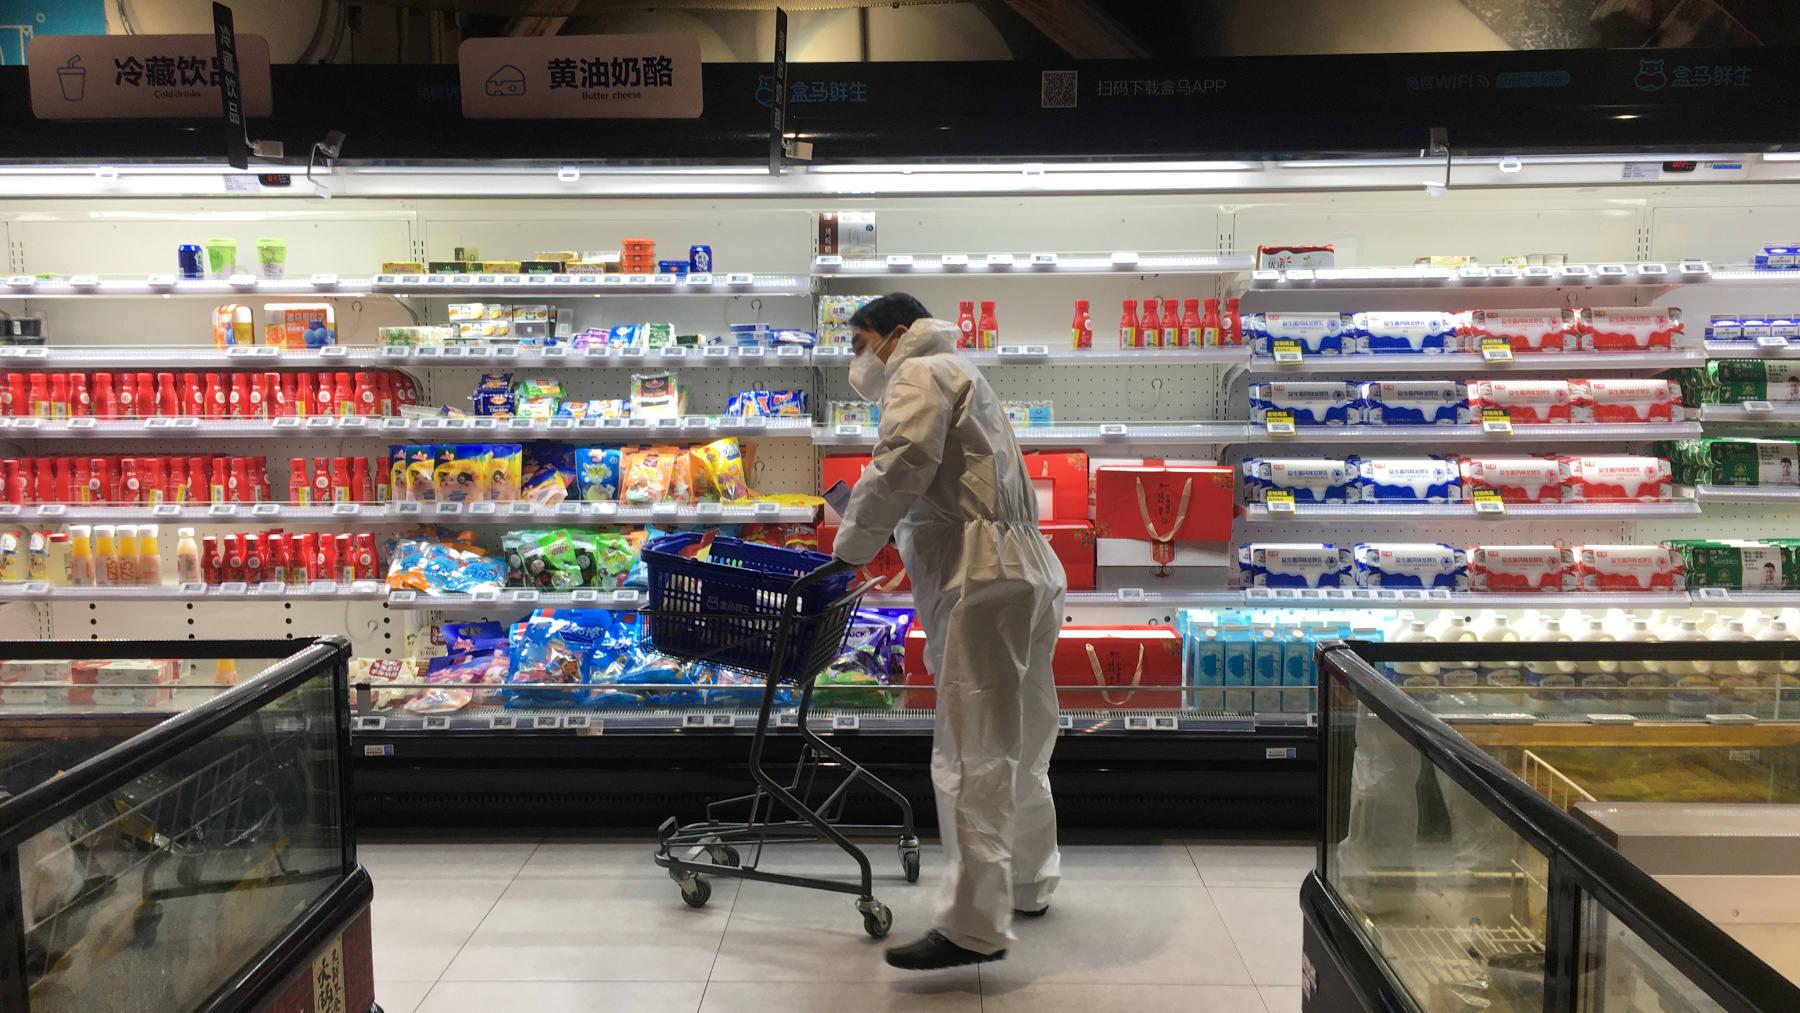 Nhu cầu của khách hàng đối Alibaba tăng nhanh giữa dịch virus corona - Ảnh 1.